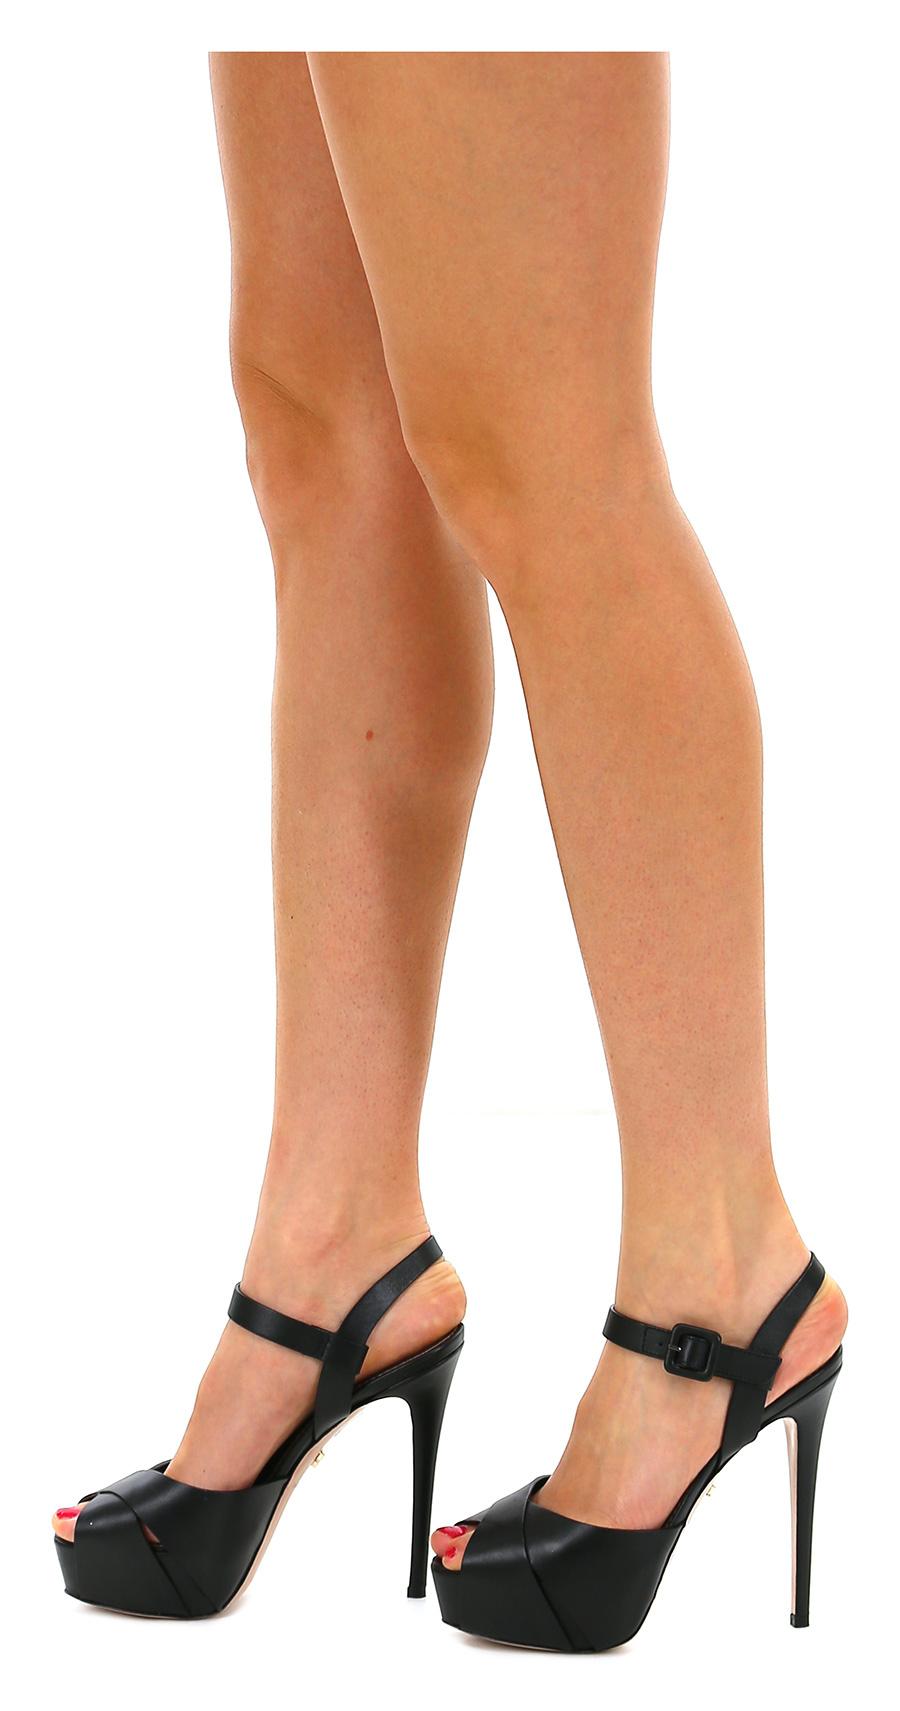 Sandalo alto alto alto Nero Le Silla 248114